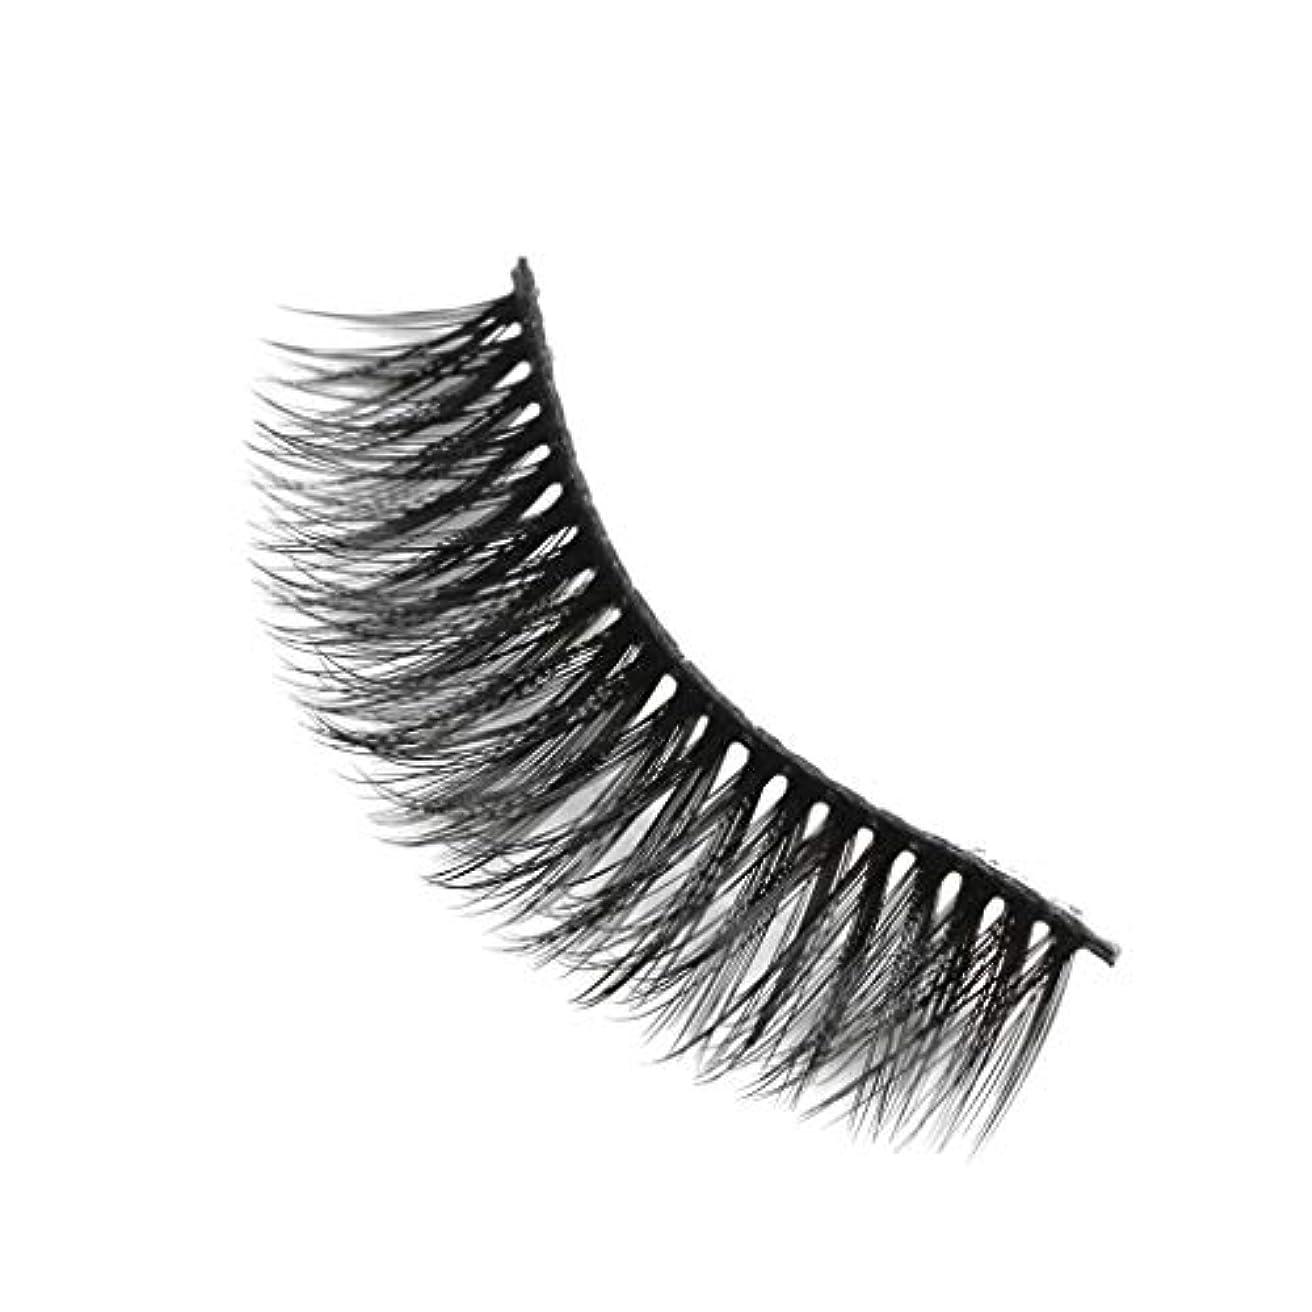 血統パラナ川恐怖症柔らかい長い巻き毛と歪んだ多くの層まつげと3Dミンクの毛皮の10ペア